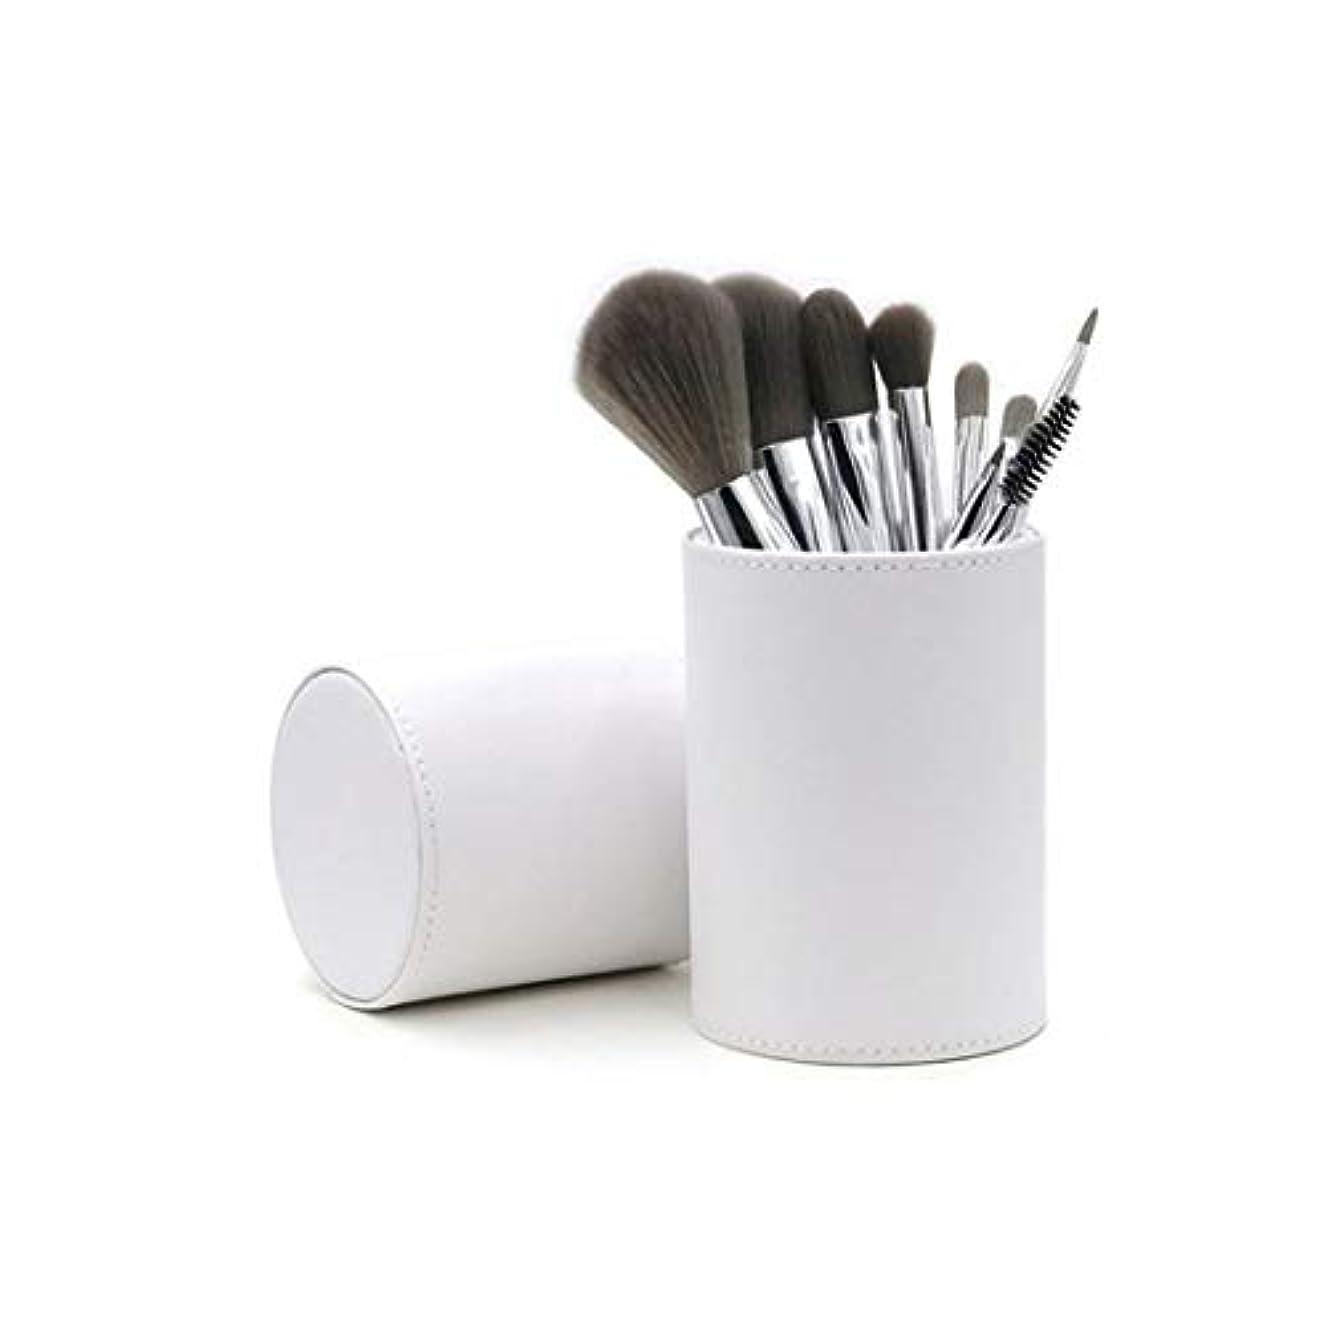 辽阳世纪电子产品贸易中心 竹炭繊維10メイクアップブラシセット化粧ブラシブラシセット (色 : 10-Piece)